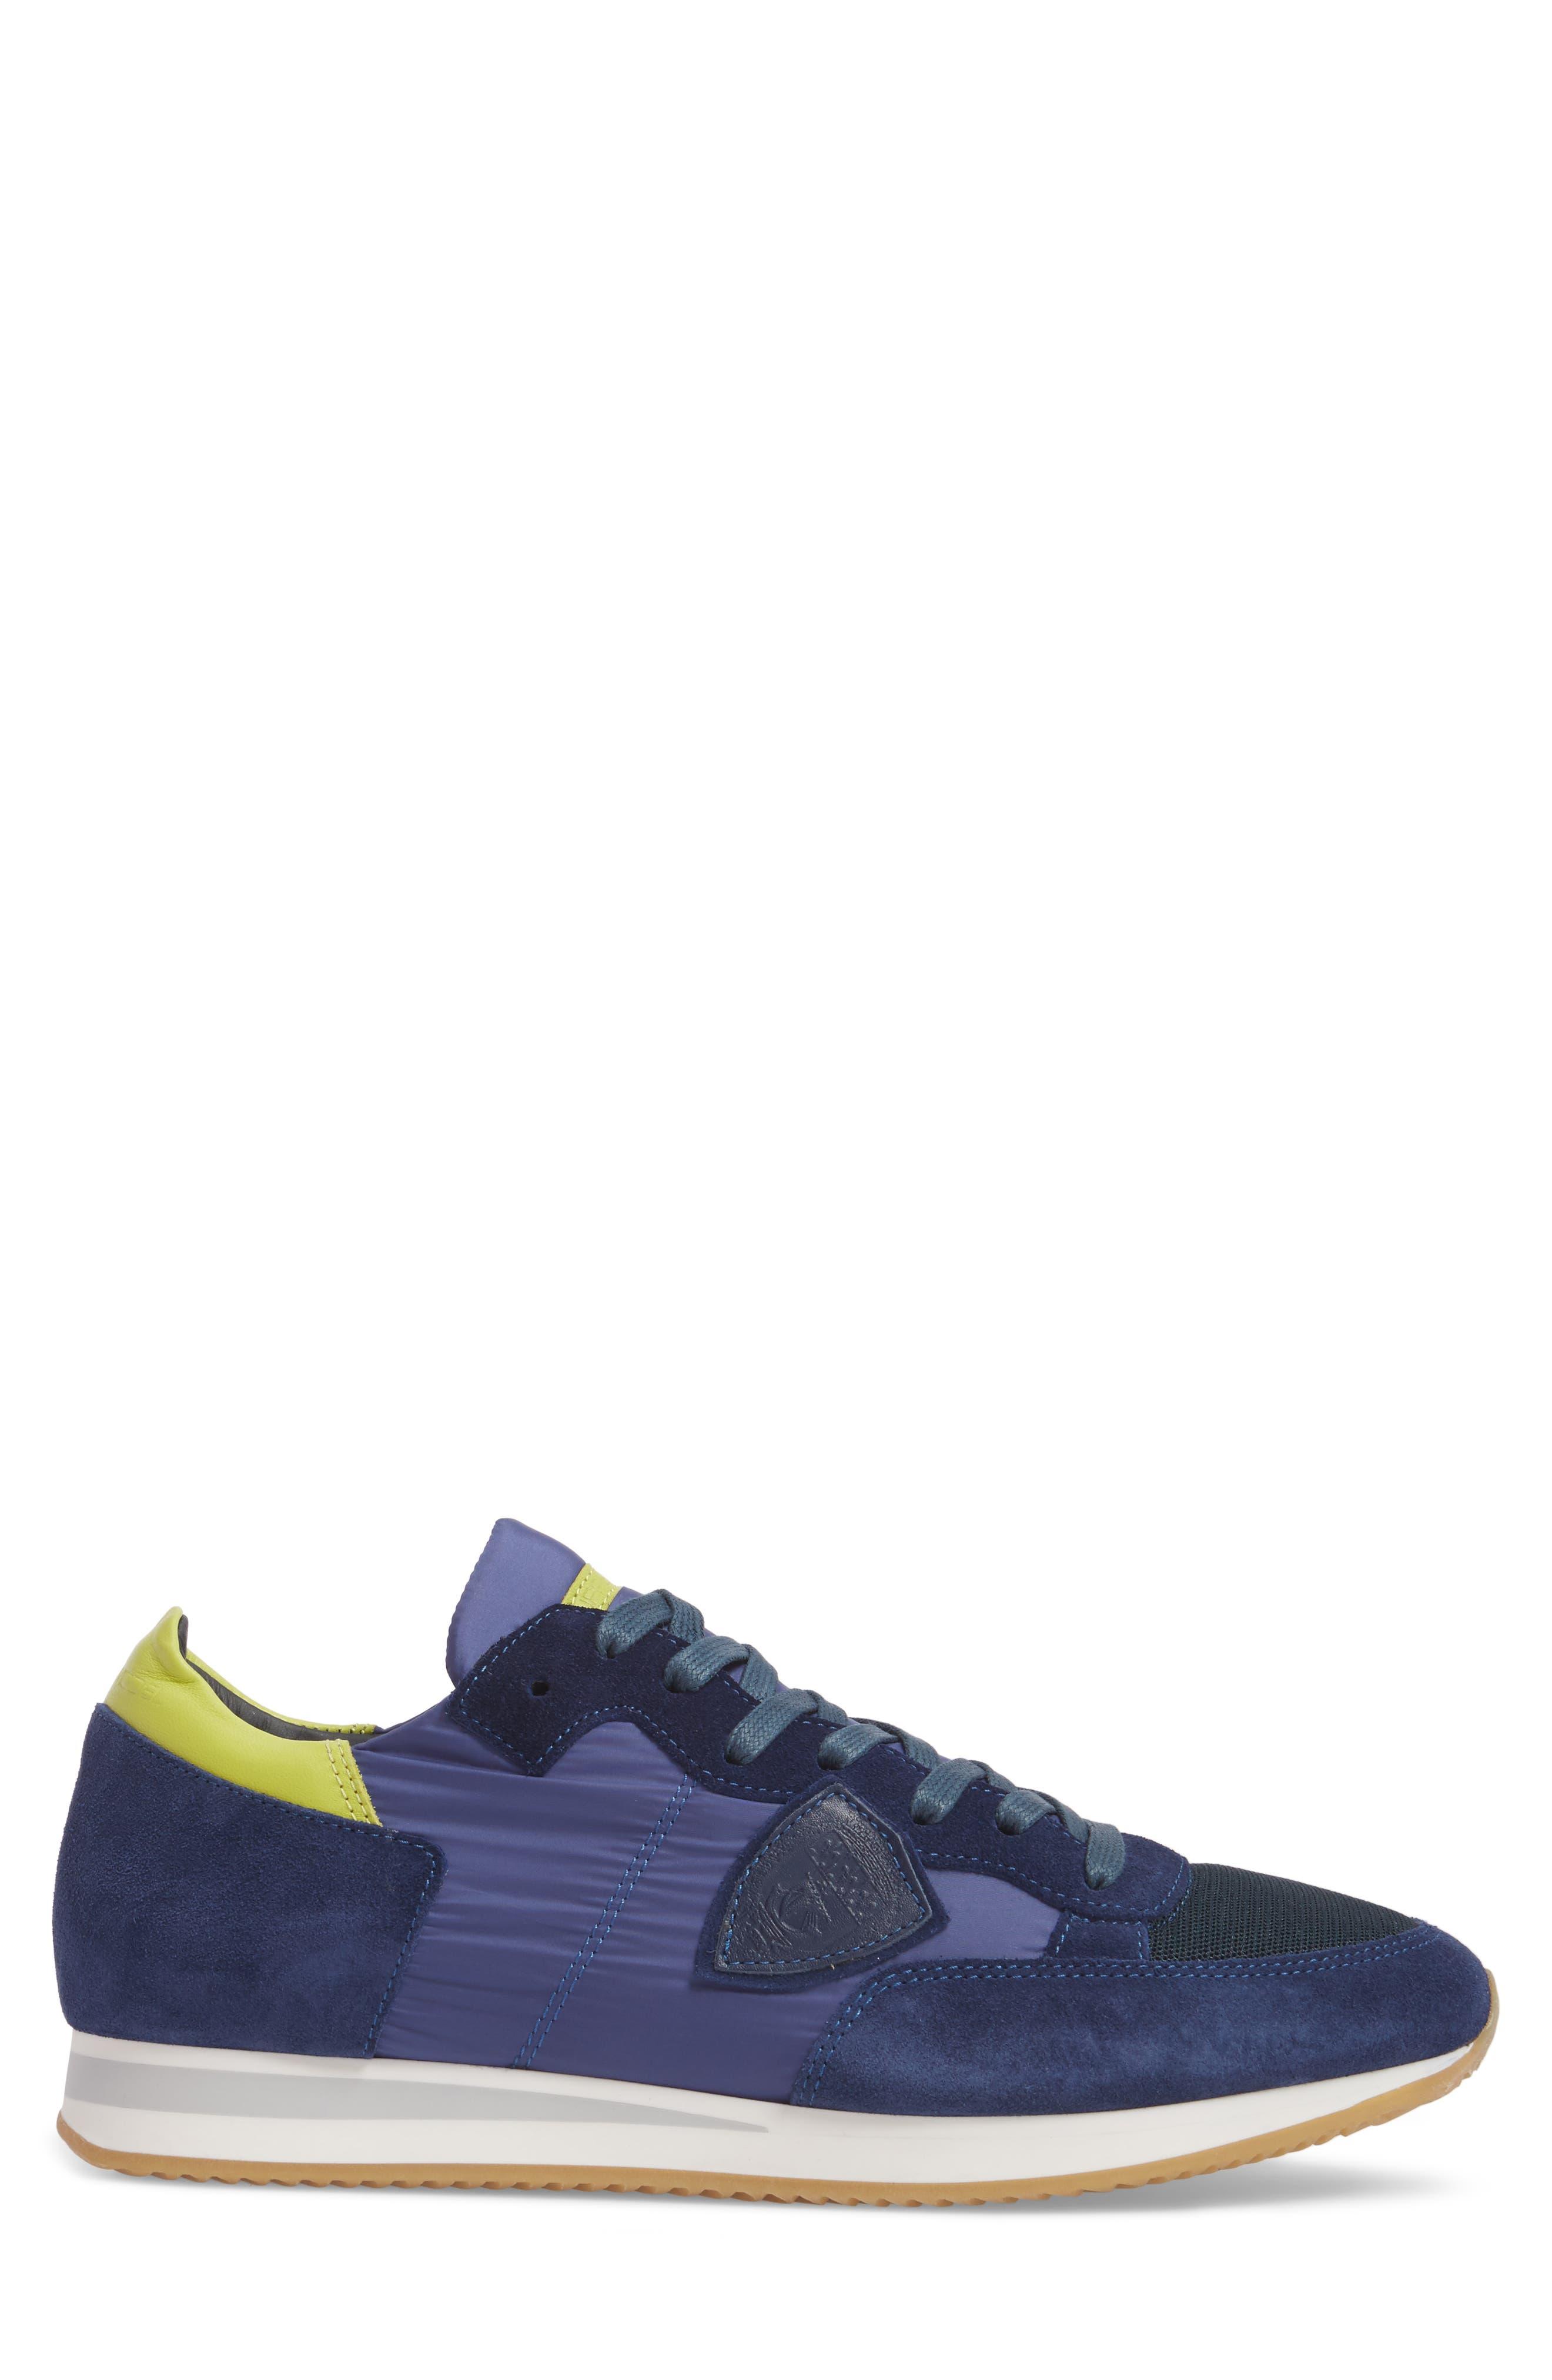 Tropez Low Top Sneaker,                             Alternate thumbnail 3, color,                             Blue/ Citron